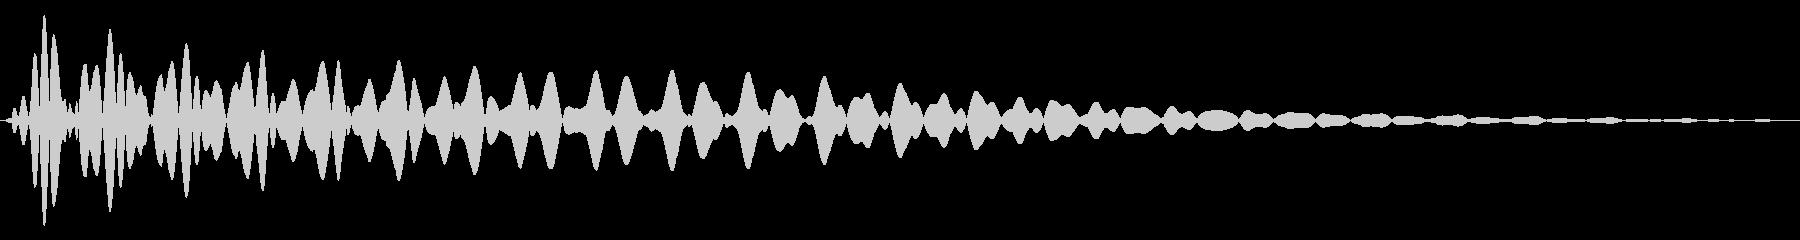 PureTouch アプリ用タッチ音68の未再生の波形